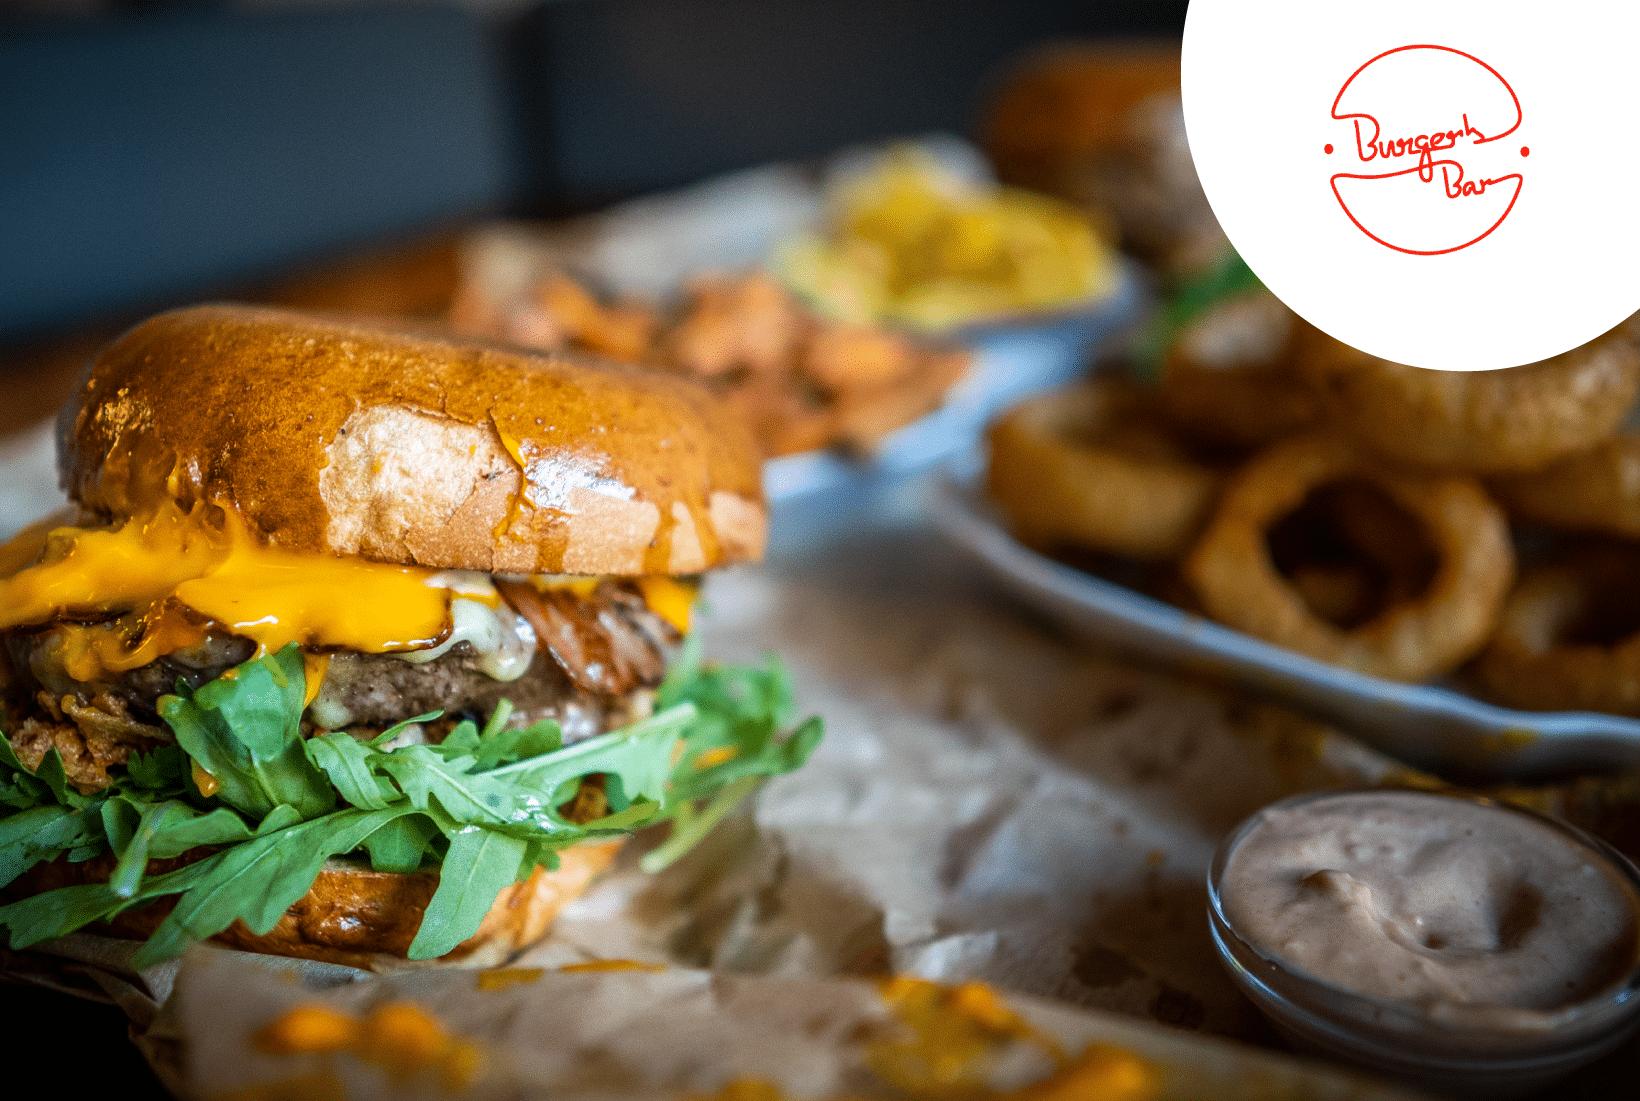 Burgers Bar Gutschein